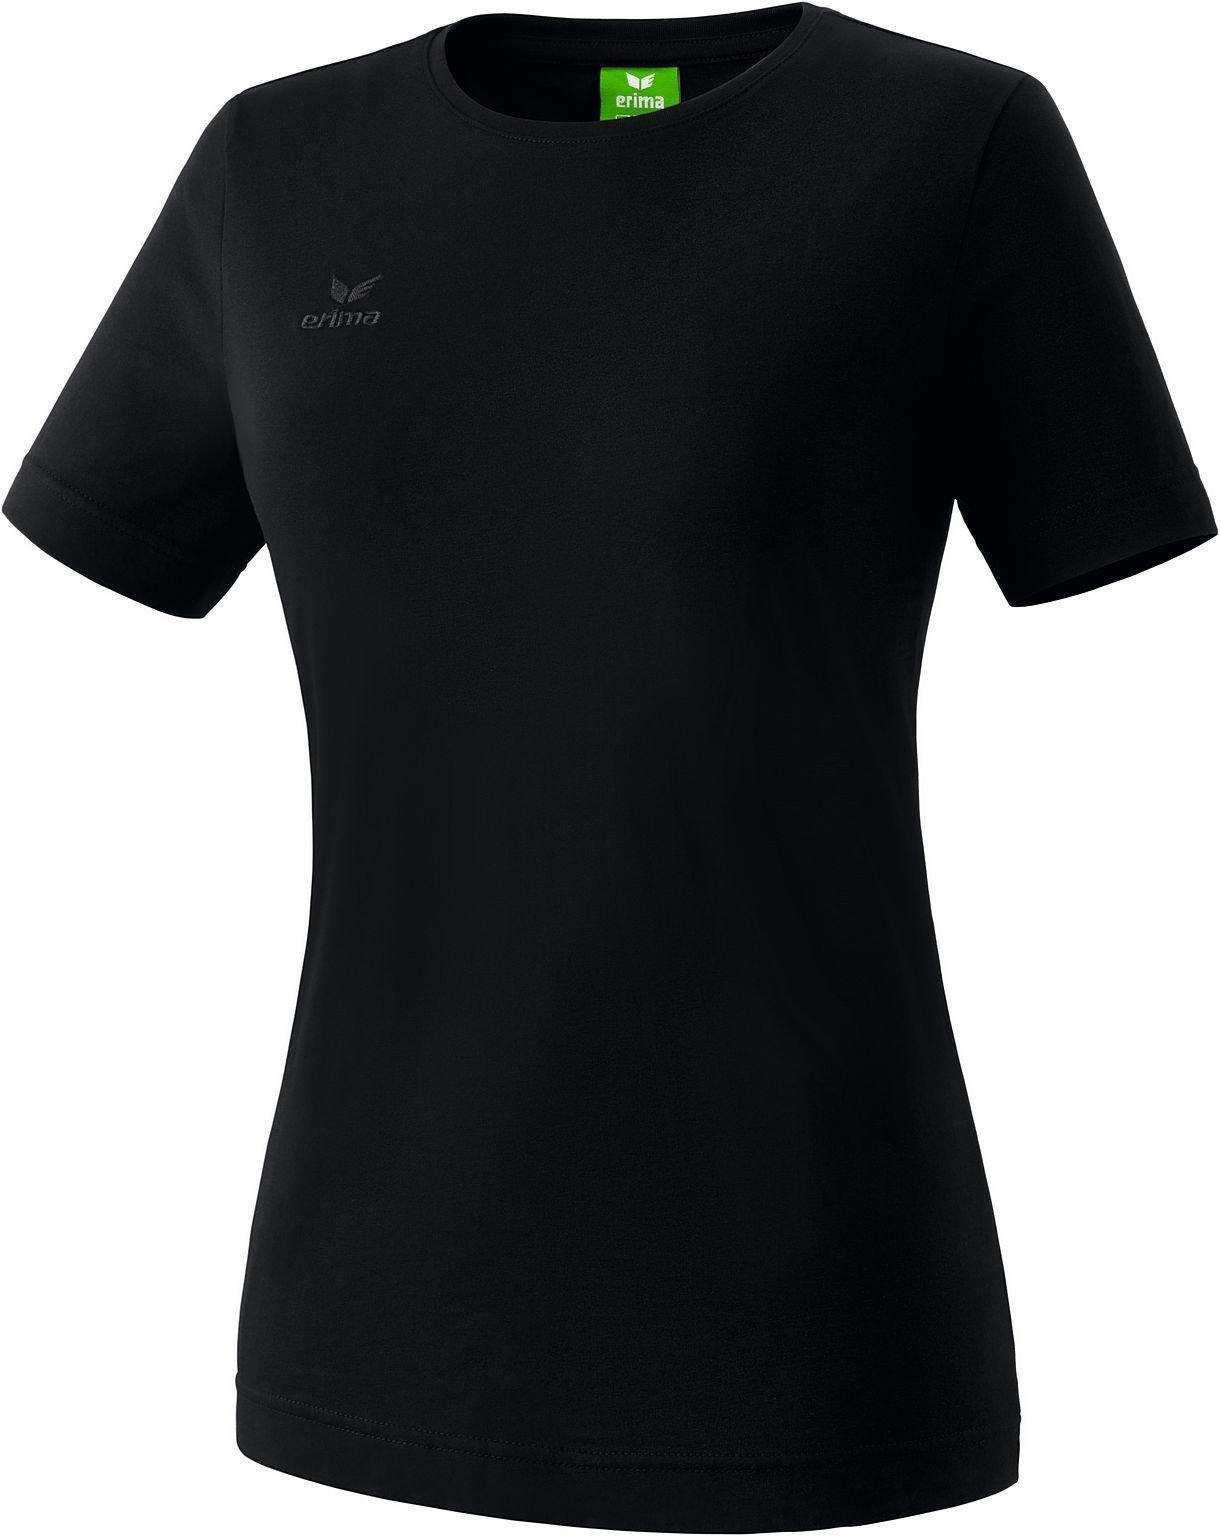 Baumwolle T-Shirt Damen in 10 Farben bhc208370